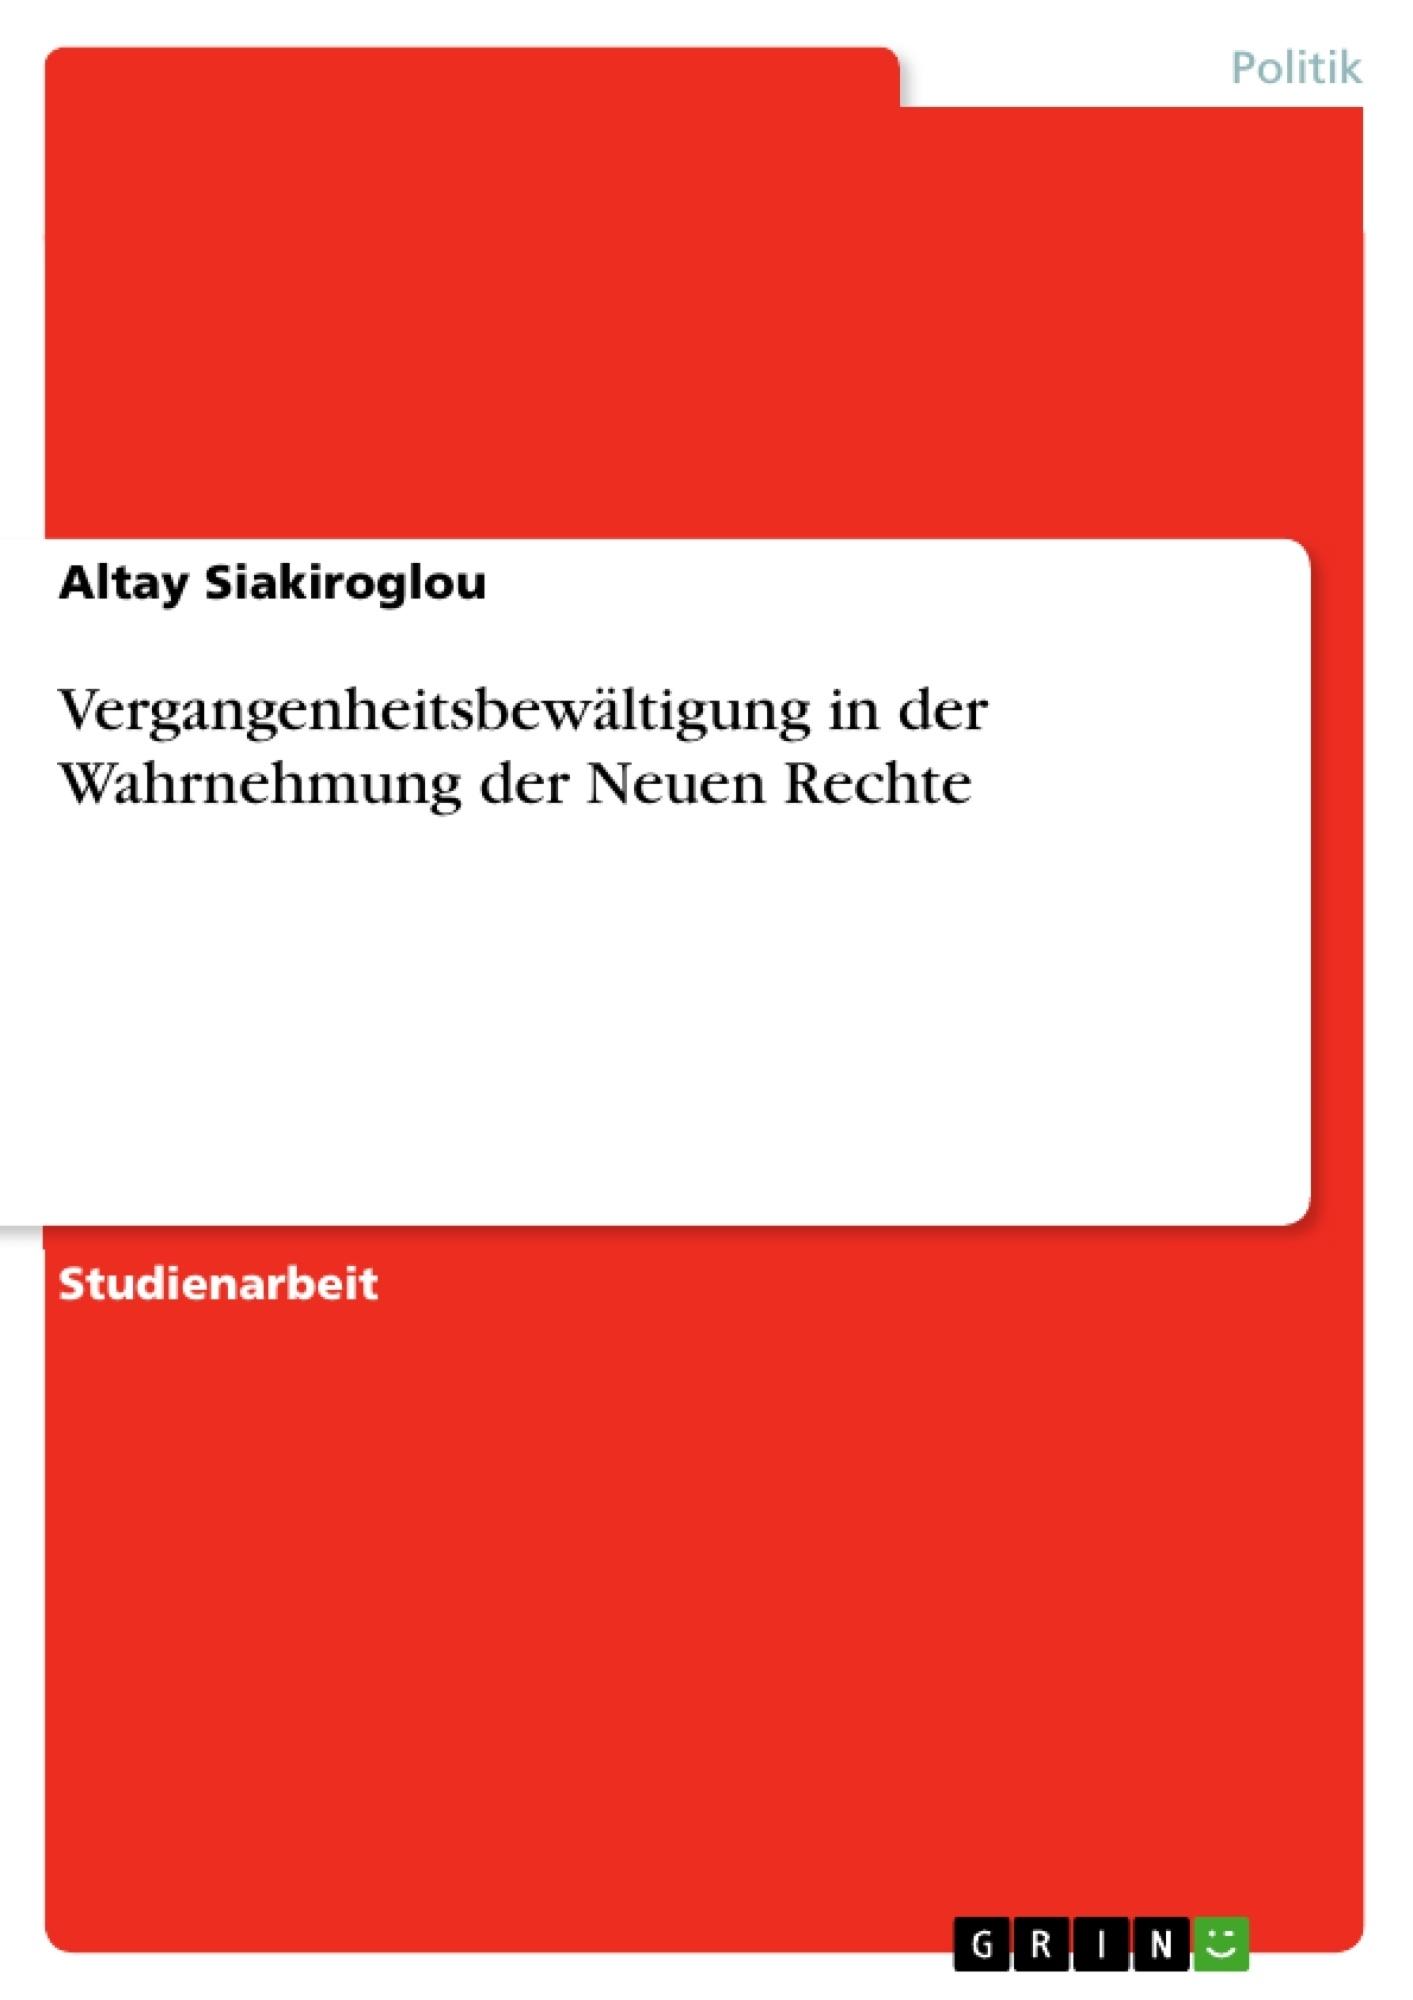 Titel: Vergangenheitsbewältigung in der Wahrnehmung der Neuen Rechte